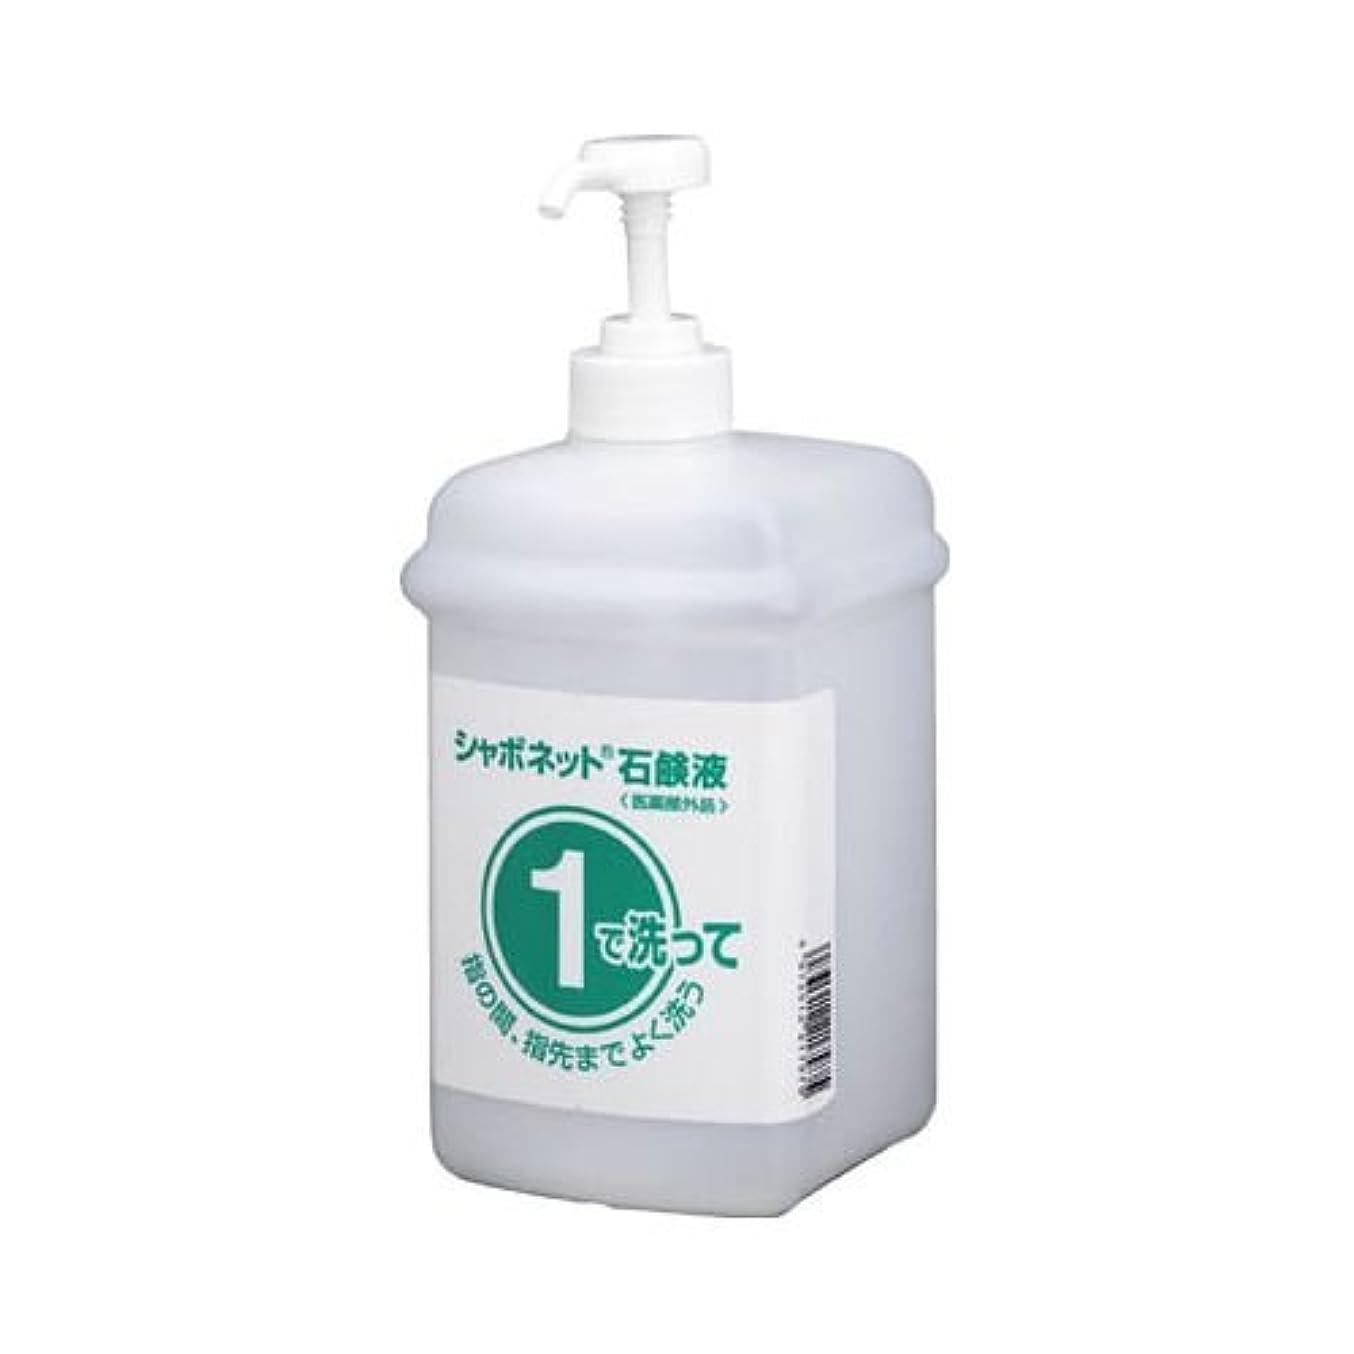 難破船監査ルネッサンスサラヤ 石鹸容器 1?2セットボトル 石鹸液用1L 21793